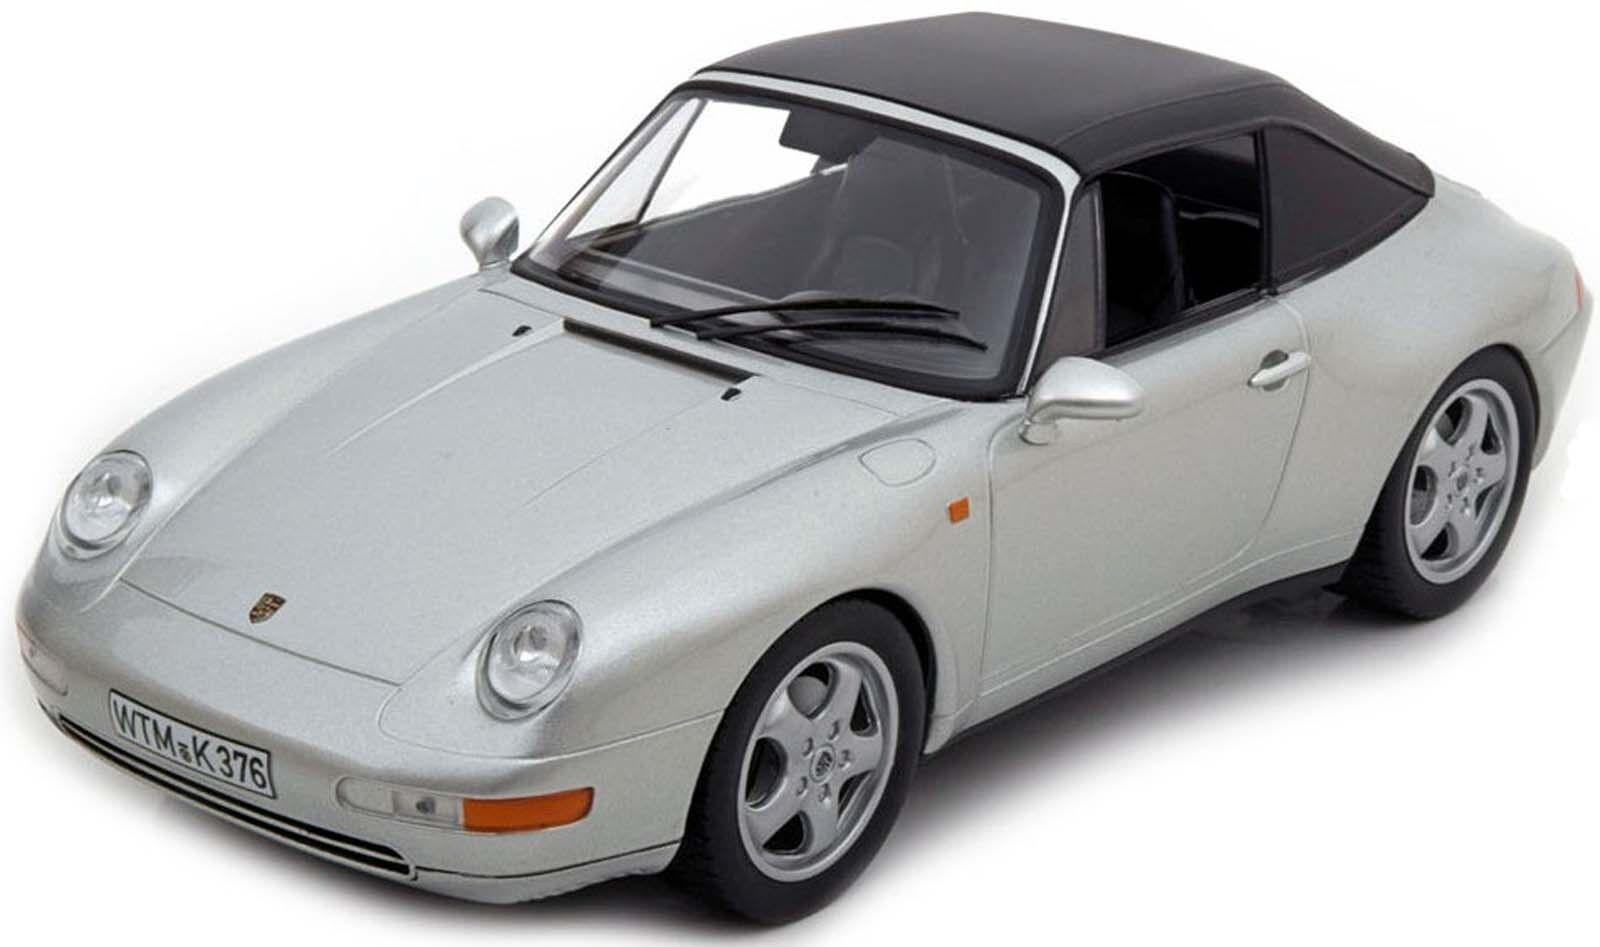 Norev 187592 Porsche 911 carrera cabriolet 1993 argento 1 18 nuevo en el embalaje original